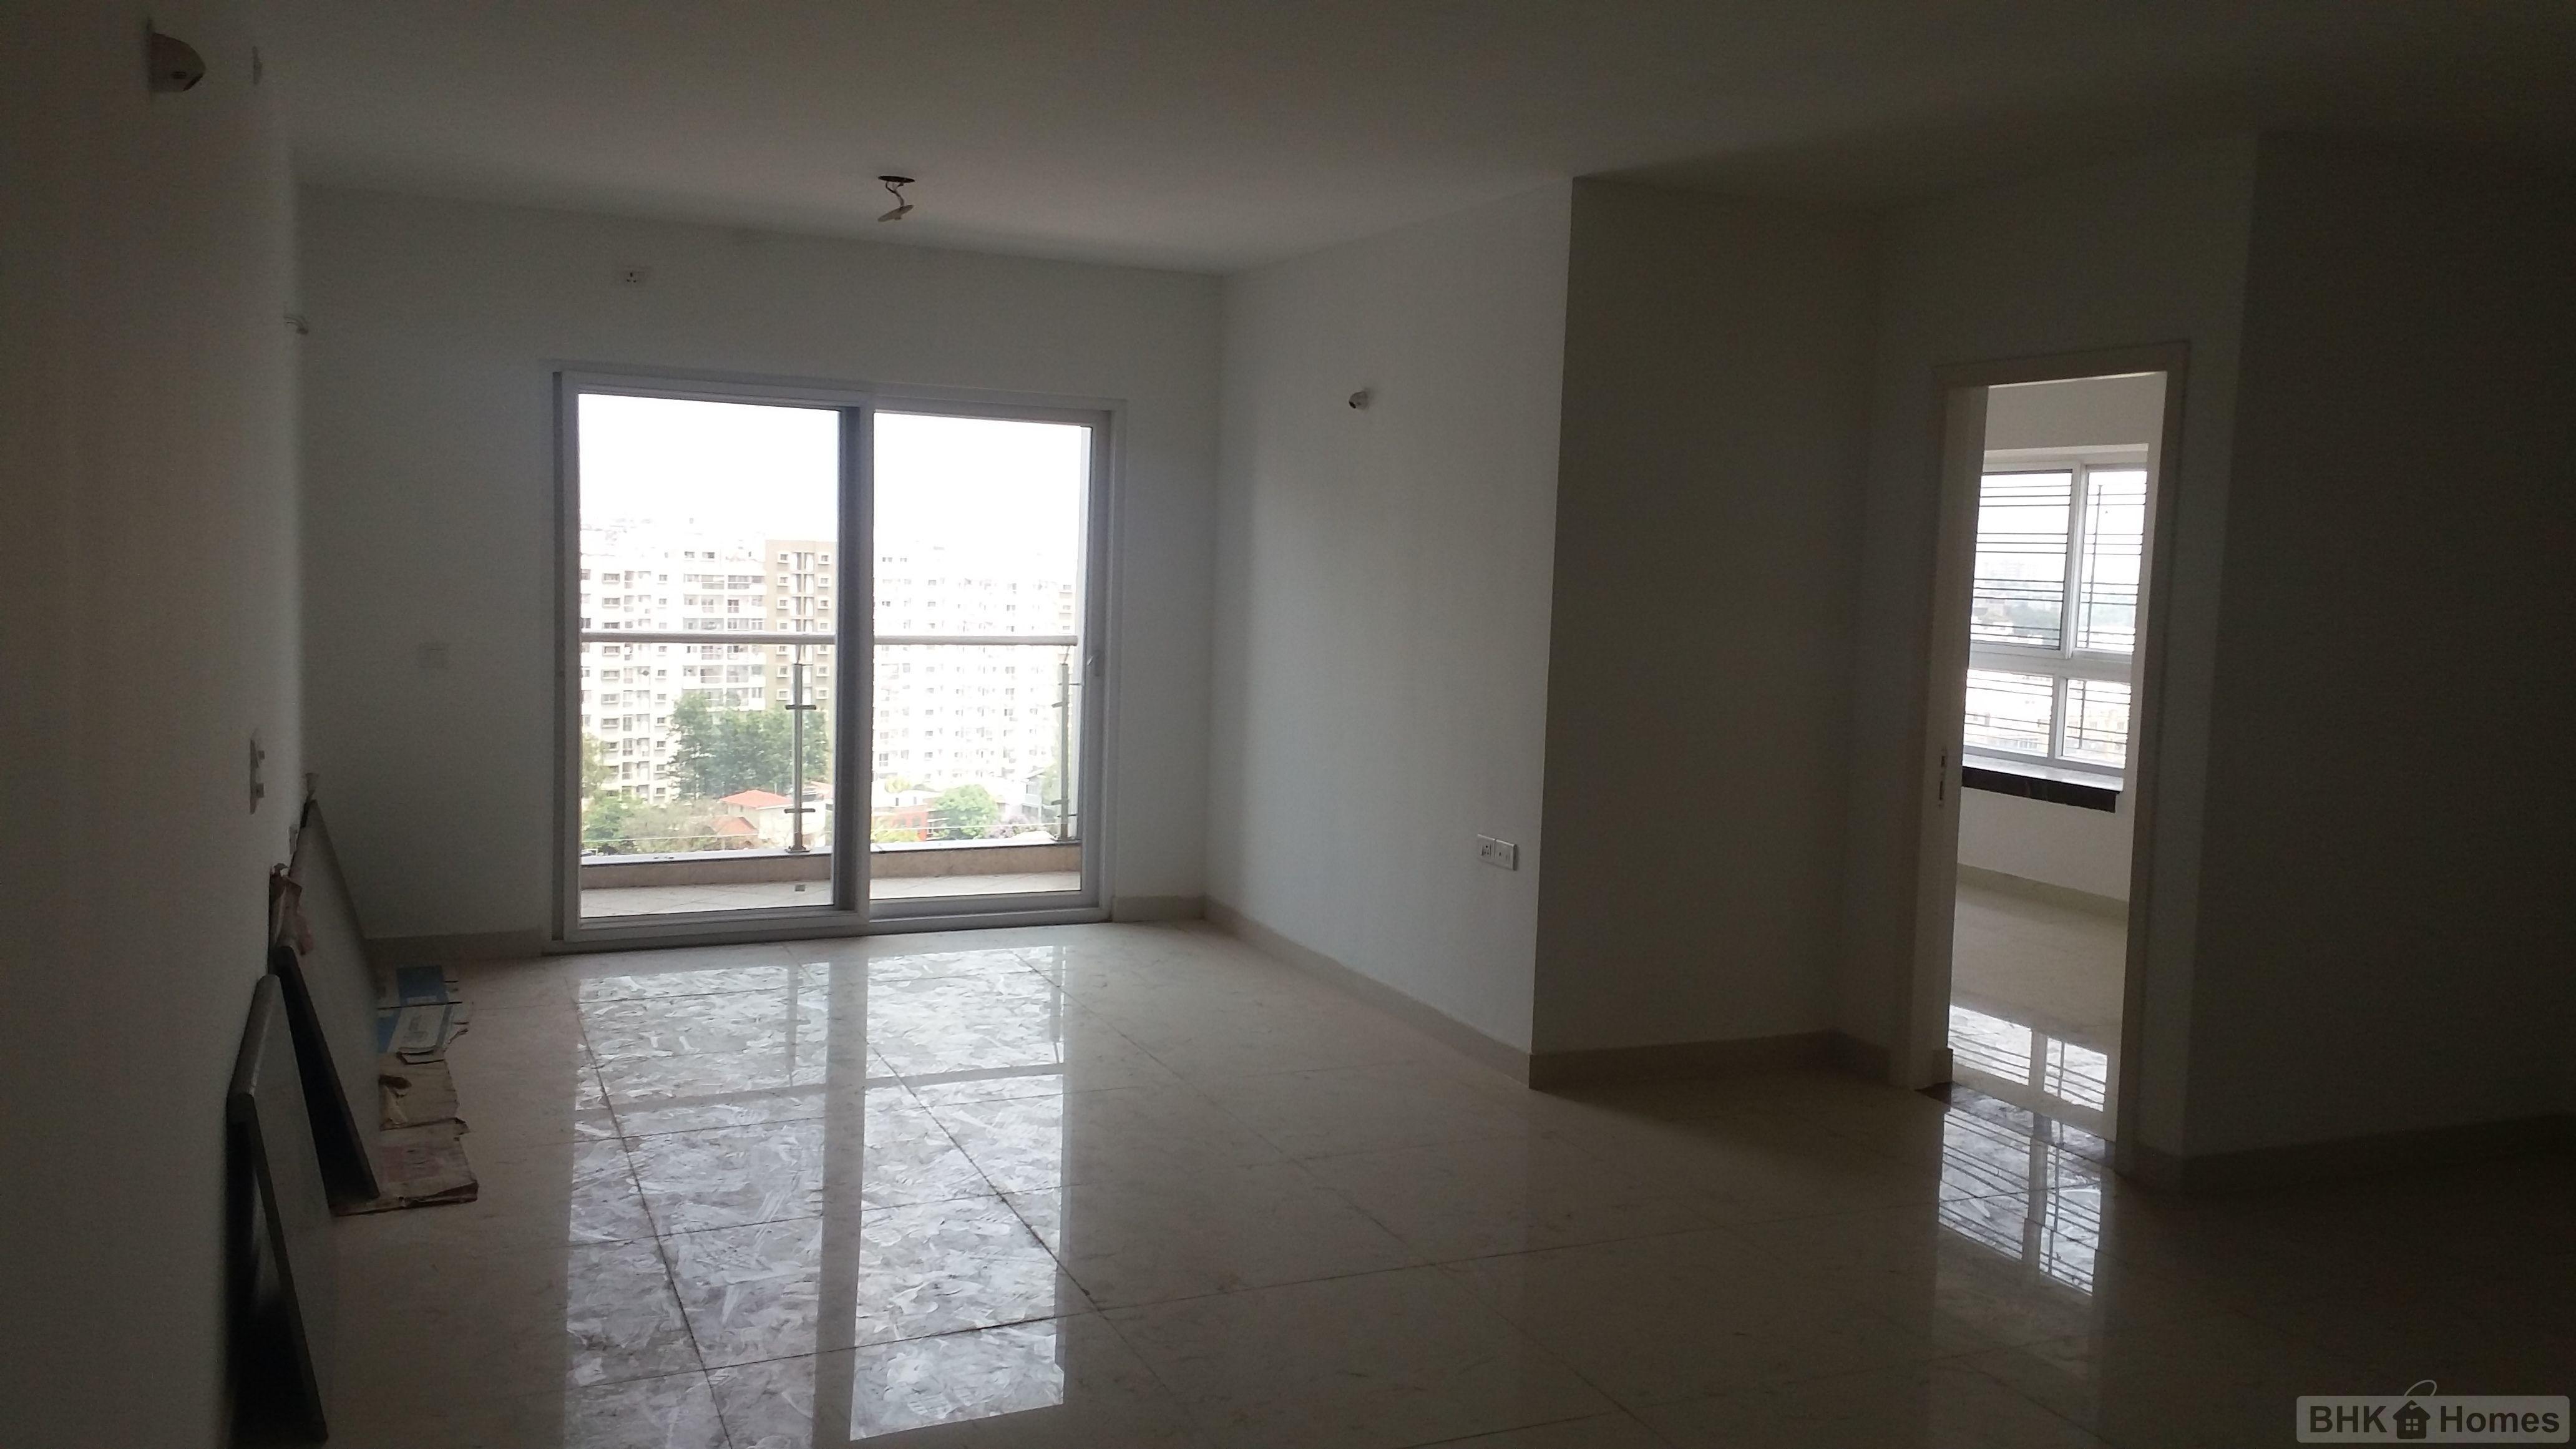 3 BHK Residential Apartment for Sale in Durga Petals, Mahadevpura